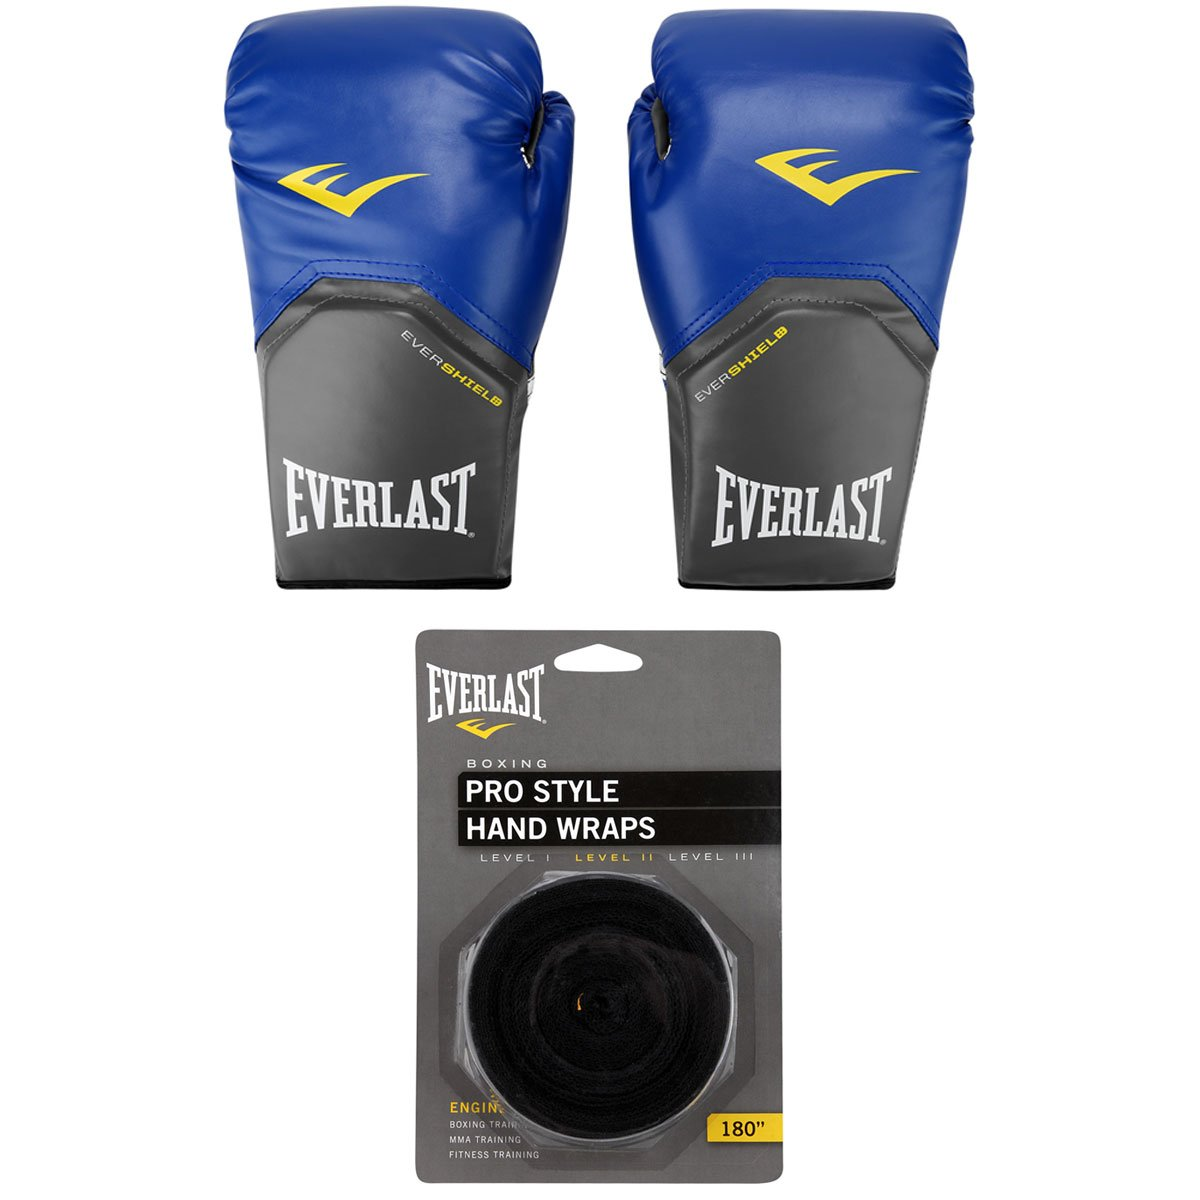 Kit Luva de Boxe Muay Thai Everlast Pro Style - 14 oz + Bandagem Elástica  ... ba2cace3af96c